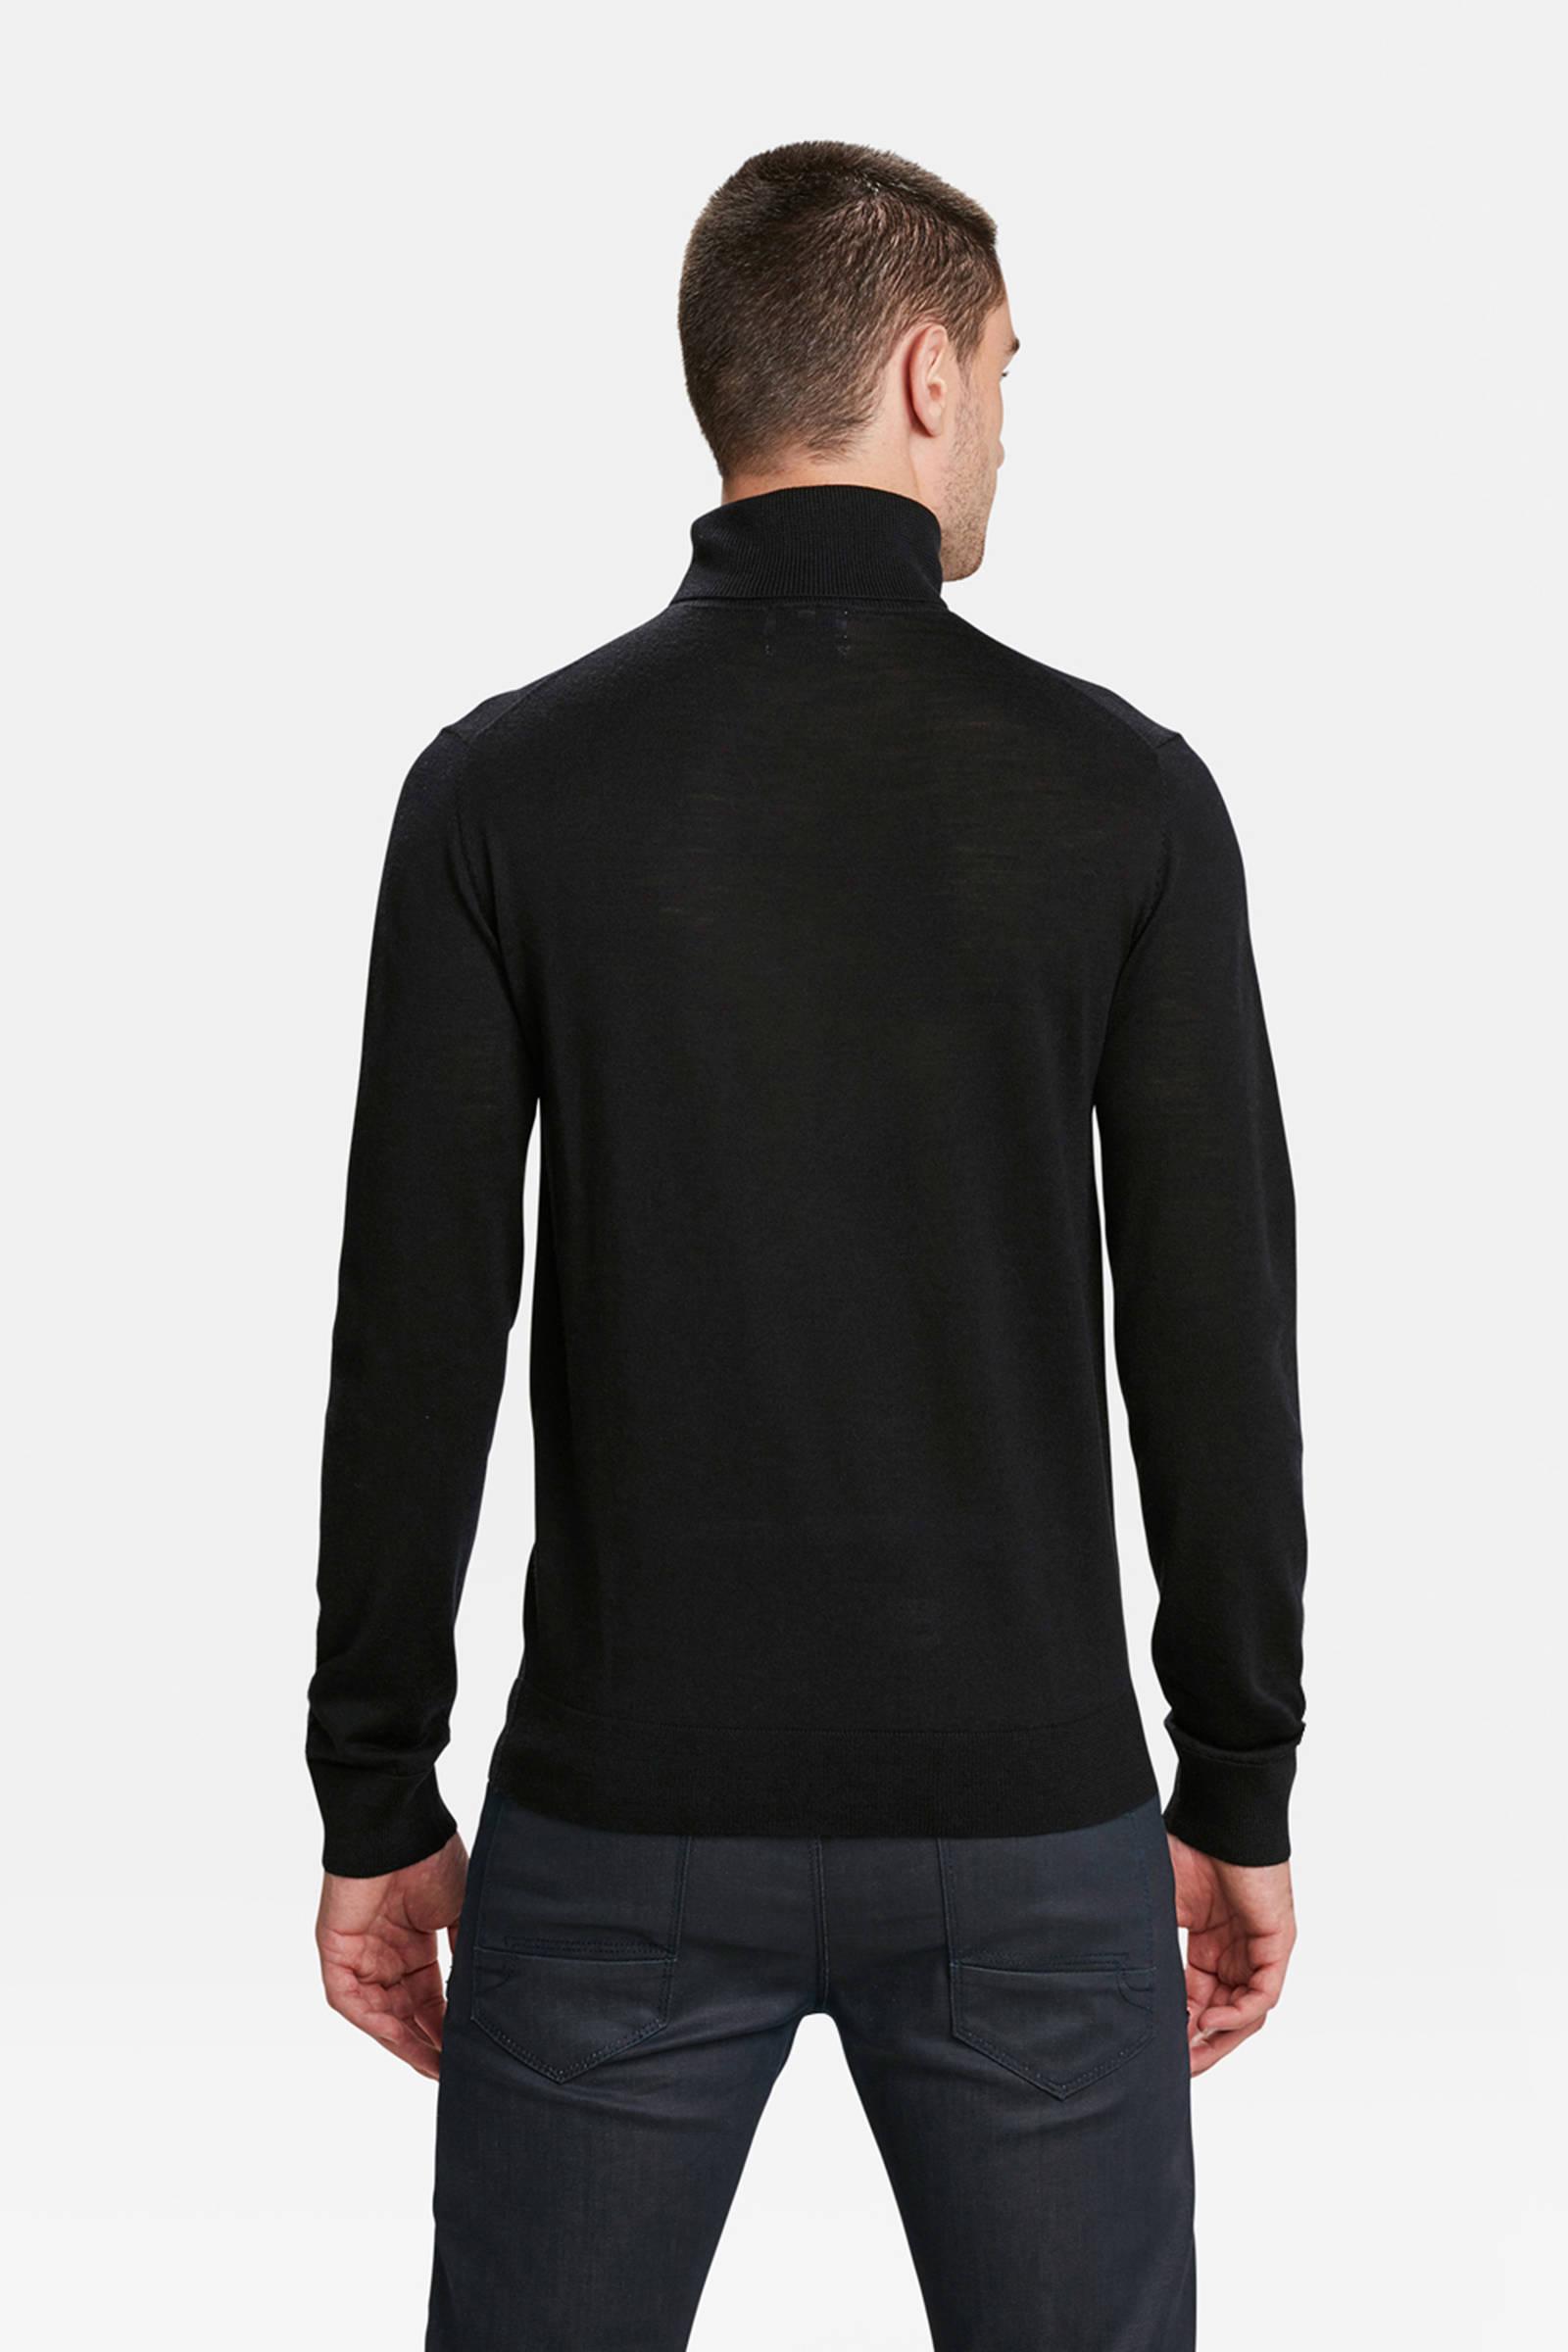 WE Fashion wollen slim fit coltrui zwart | wehkamp